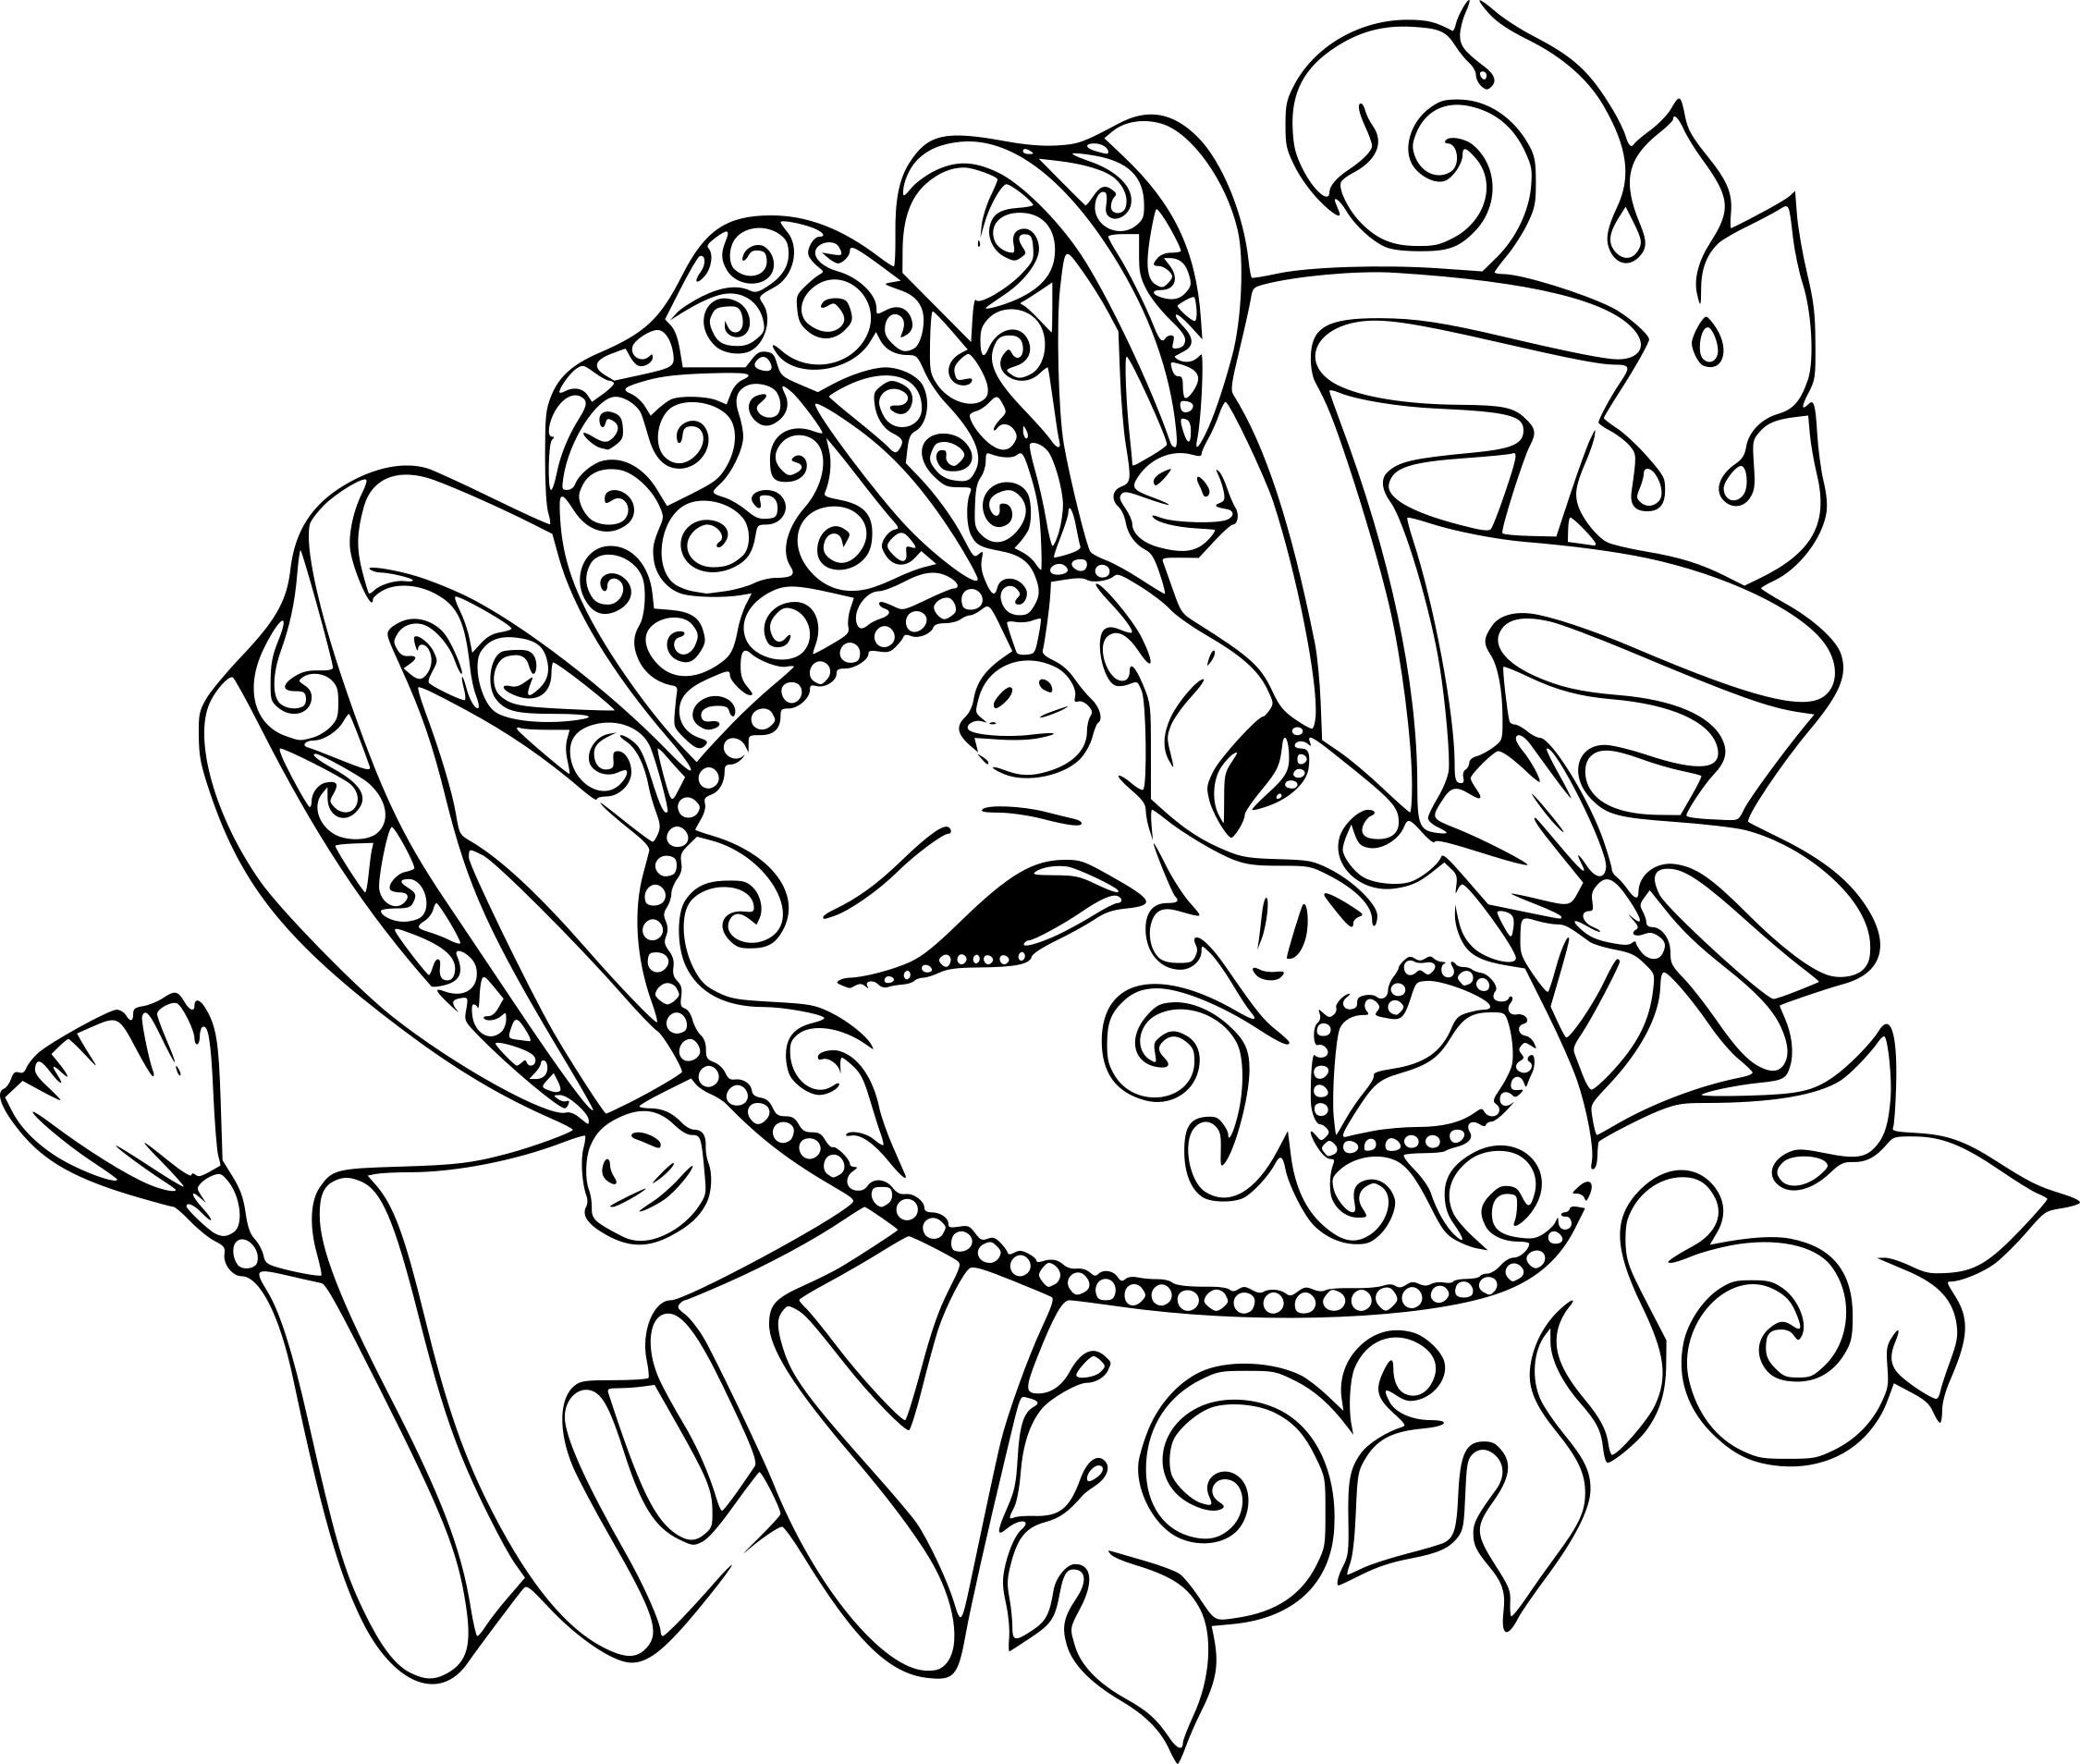 Coloriage Carnaval Rio À Imprimer Sur Coloriages avec Coloriage De Carnaval A Imprimer Gratuit